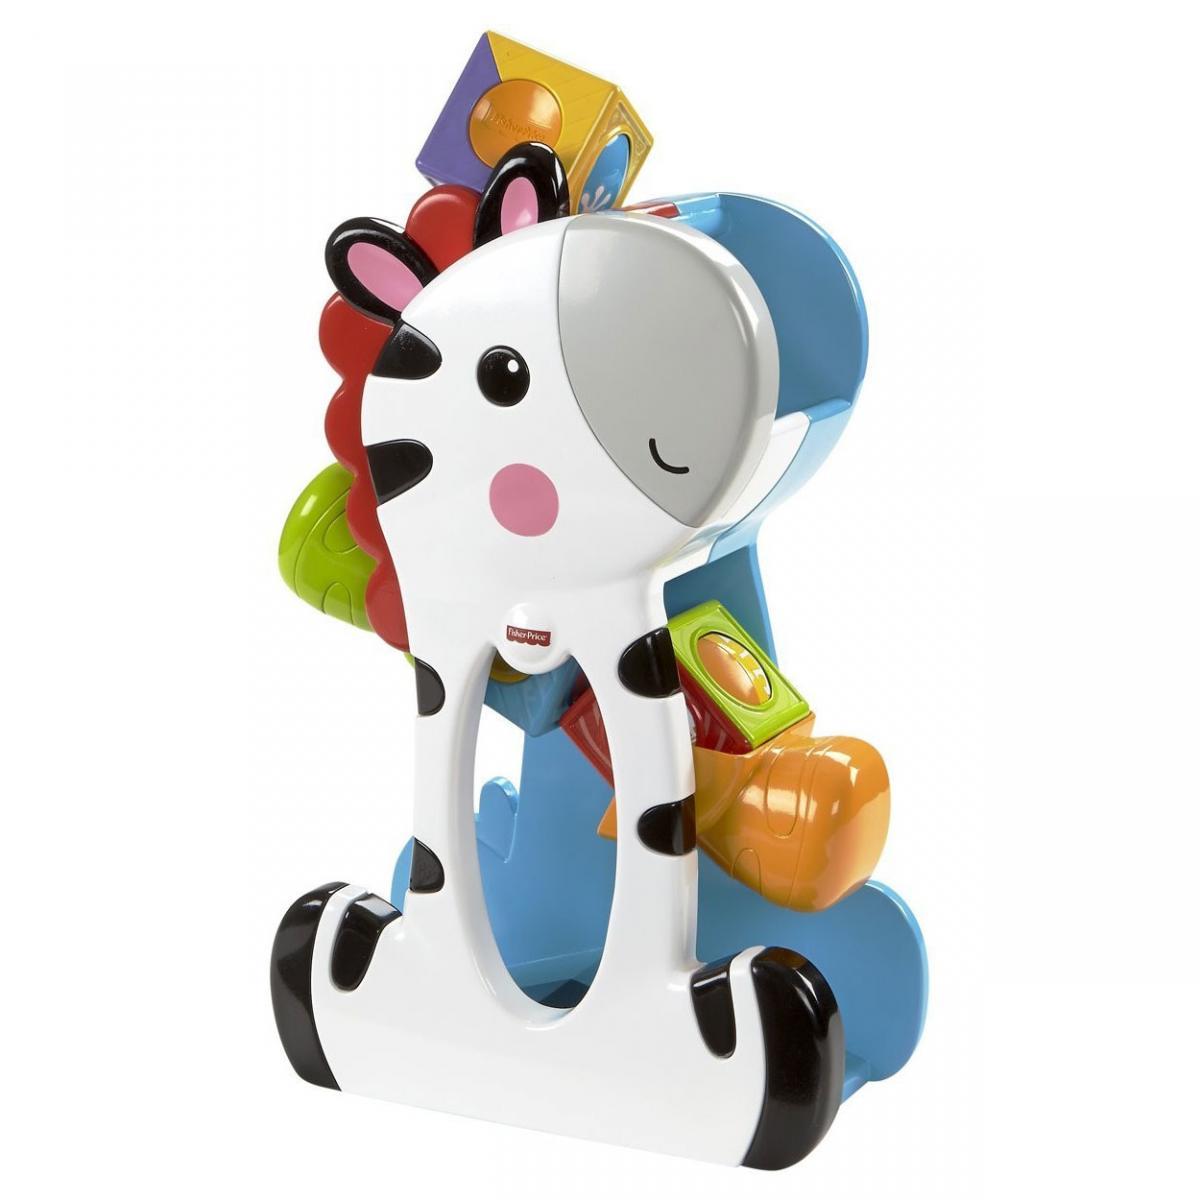 Топ 10 развивающих игрушек, фото №3 - интернет магазин Платошка